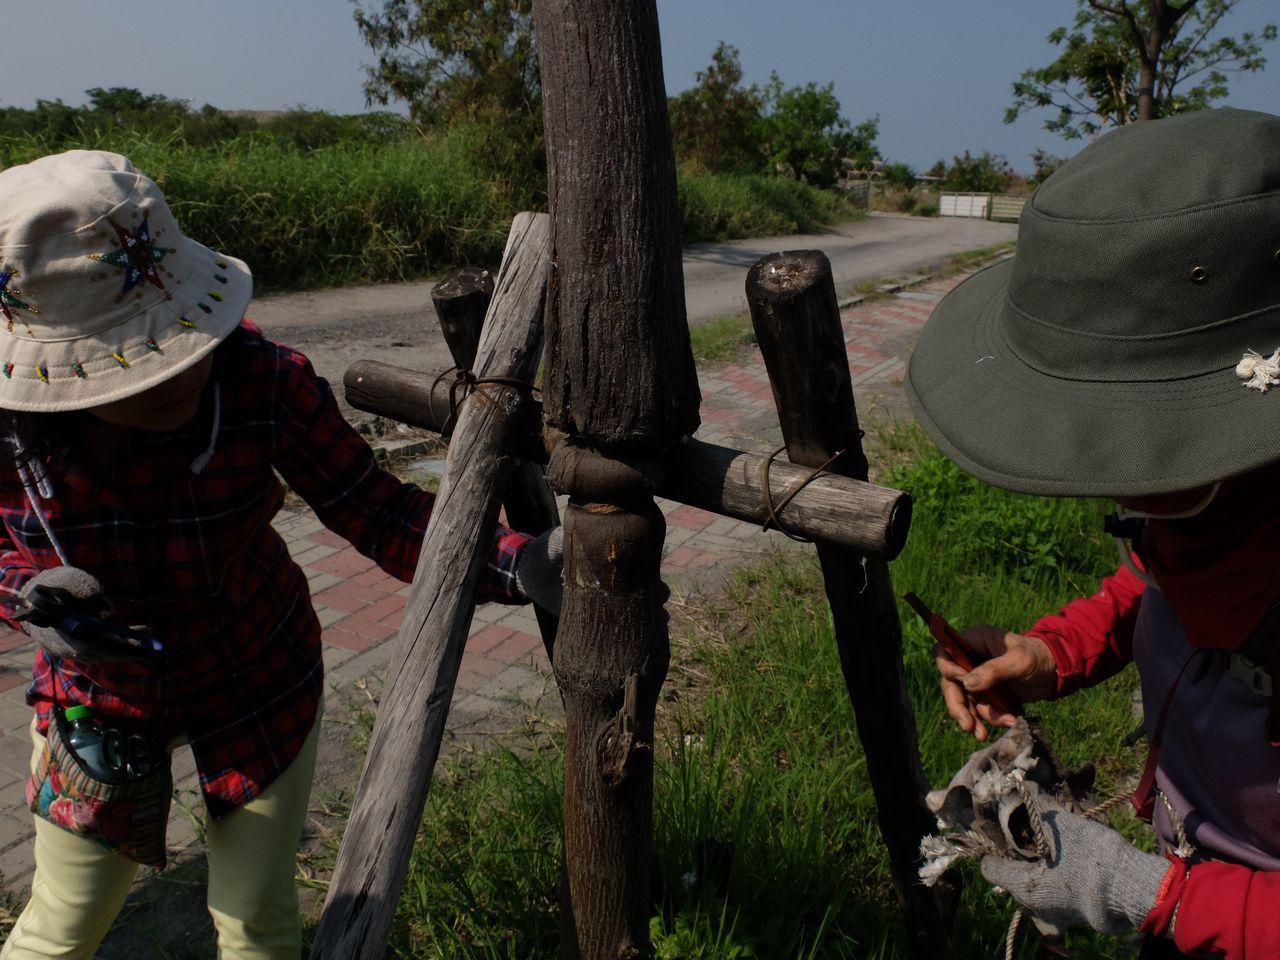 志工阿嬤解開束縛行道樹的繩索。圖/志工林翊涵提供